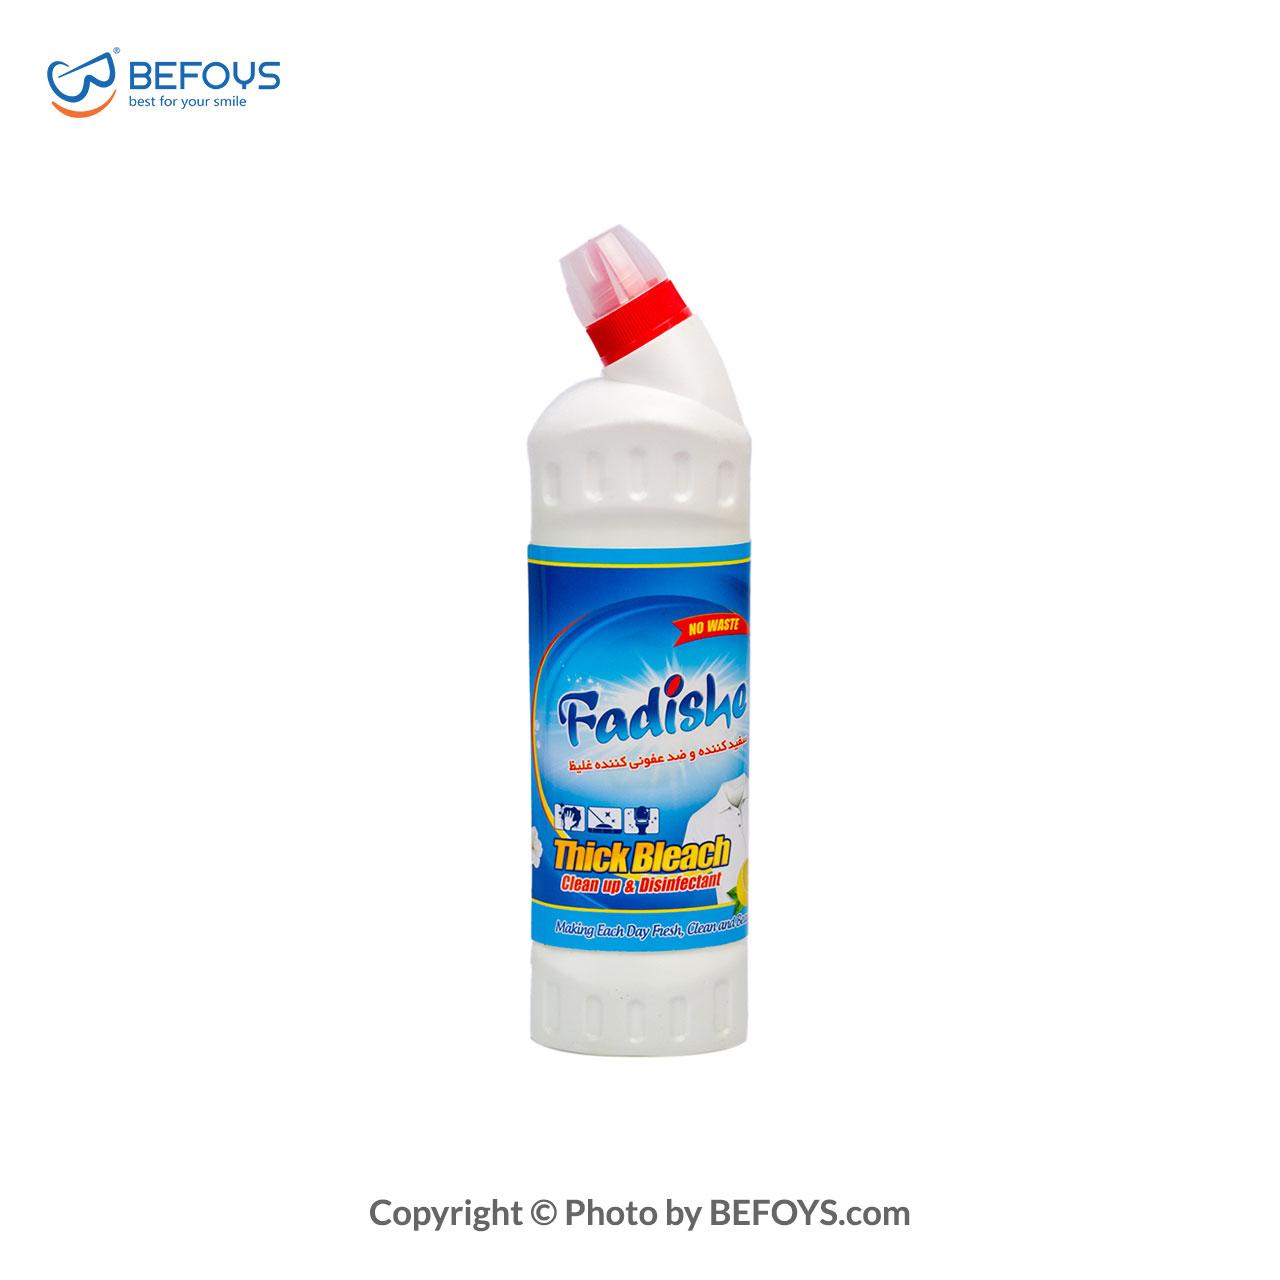 مایع سفیدکننده و پاککننده غلیظ بدون اسانس